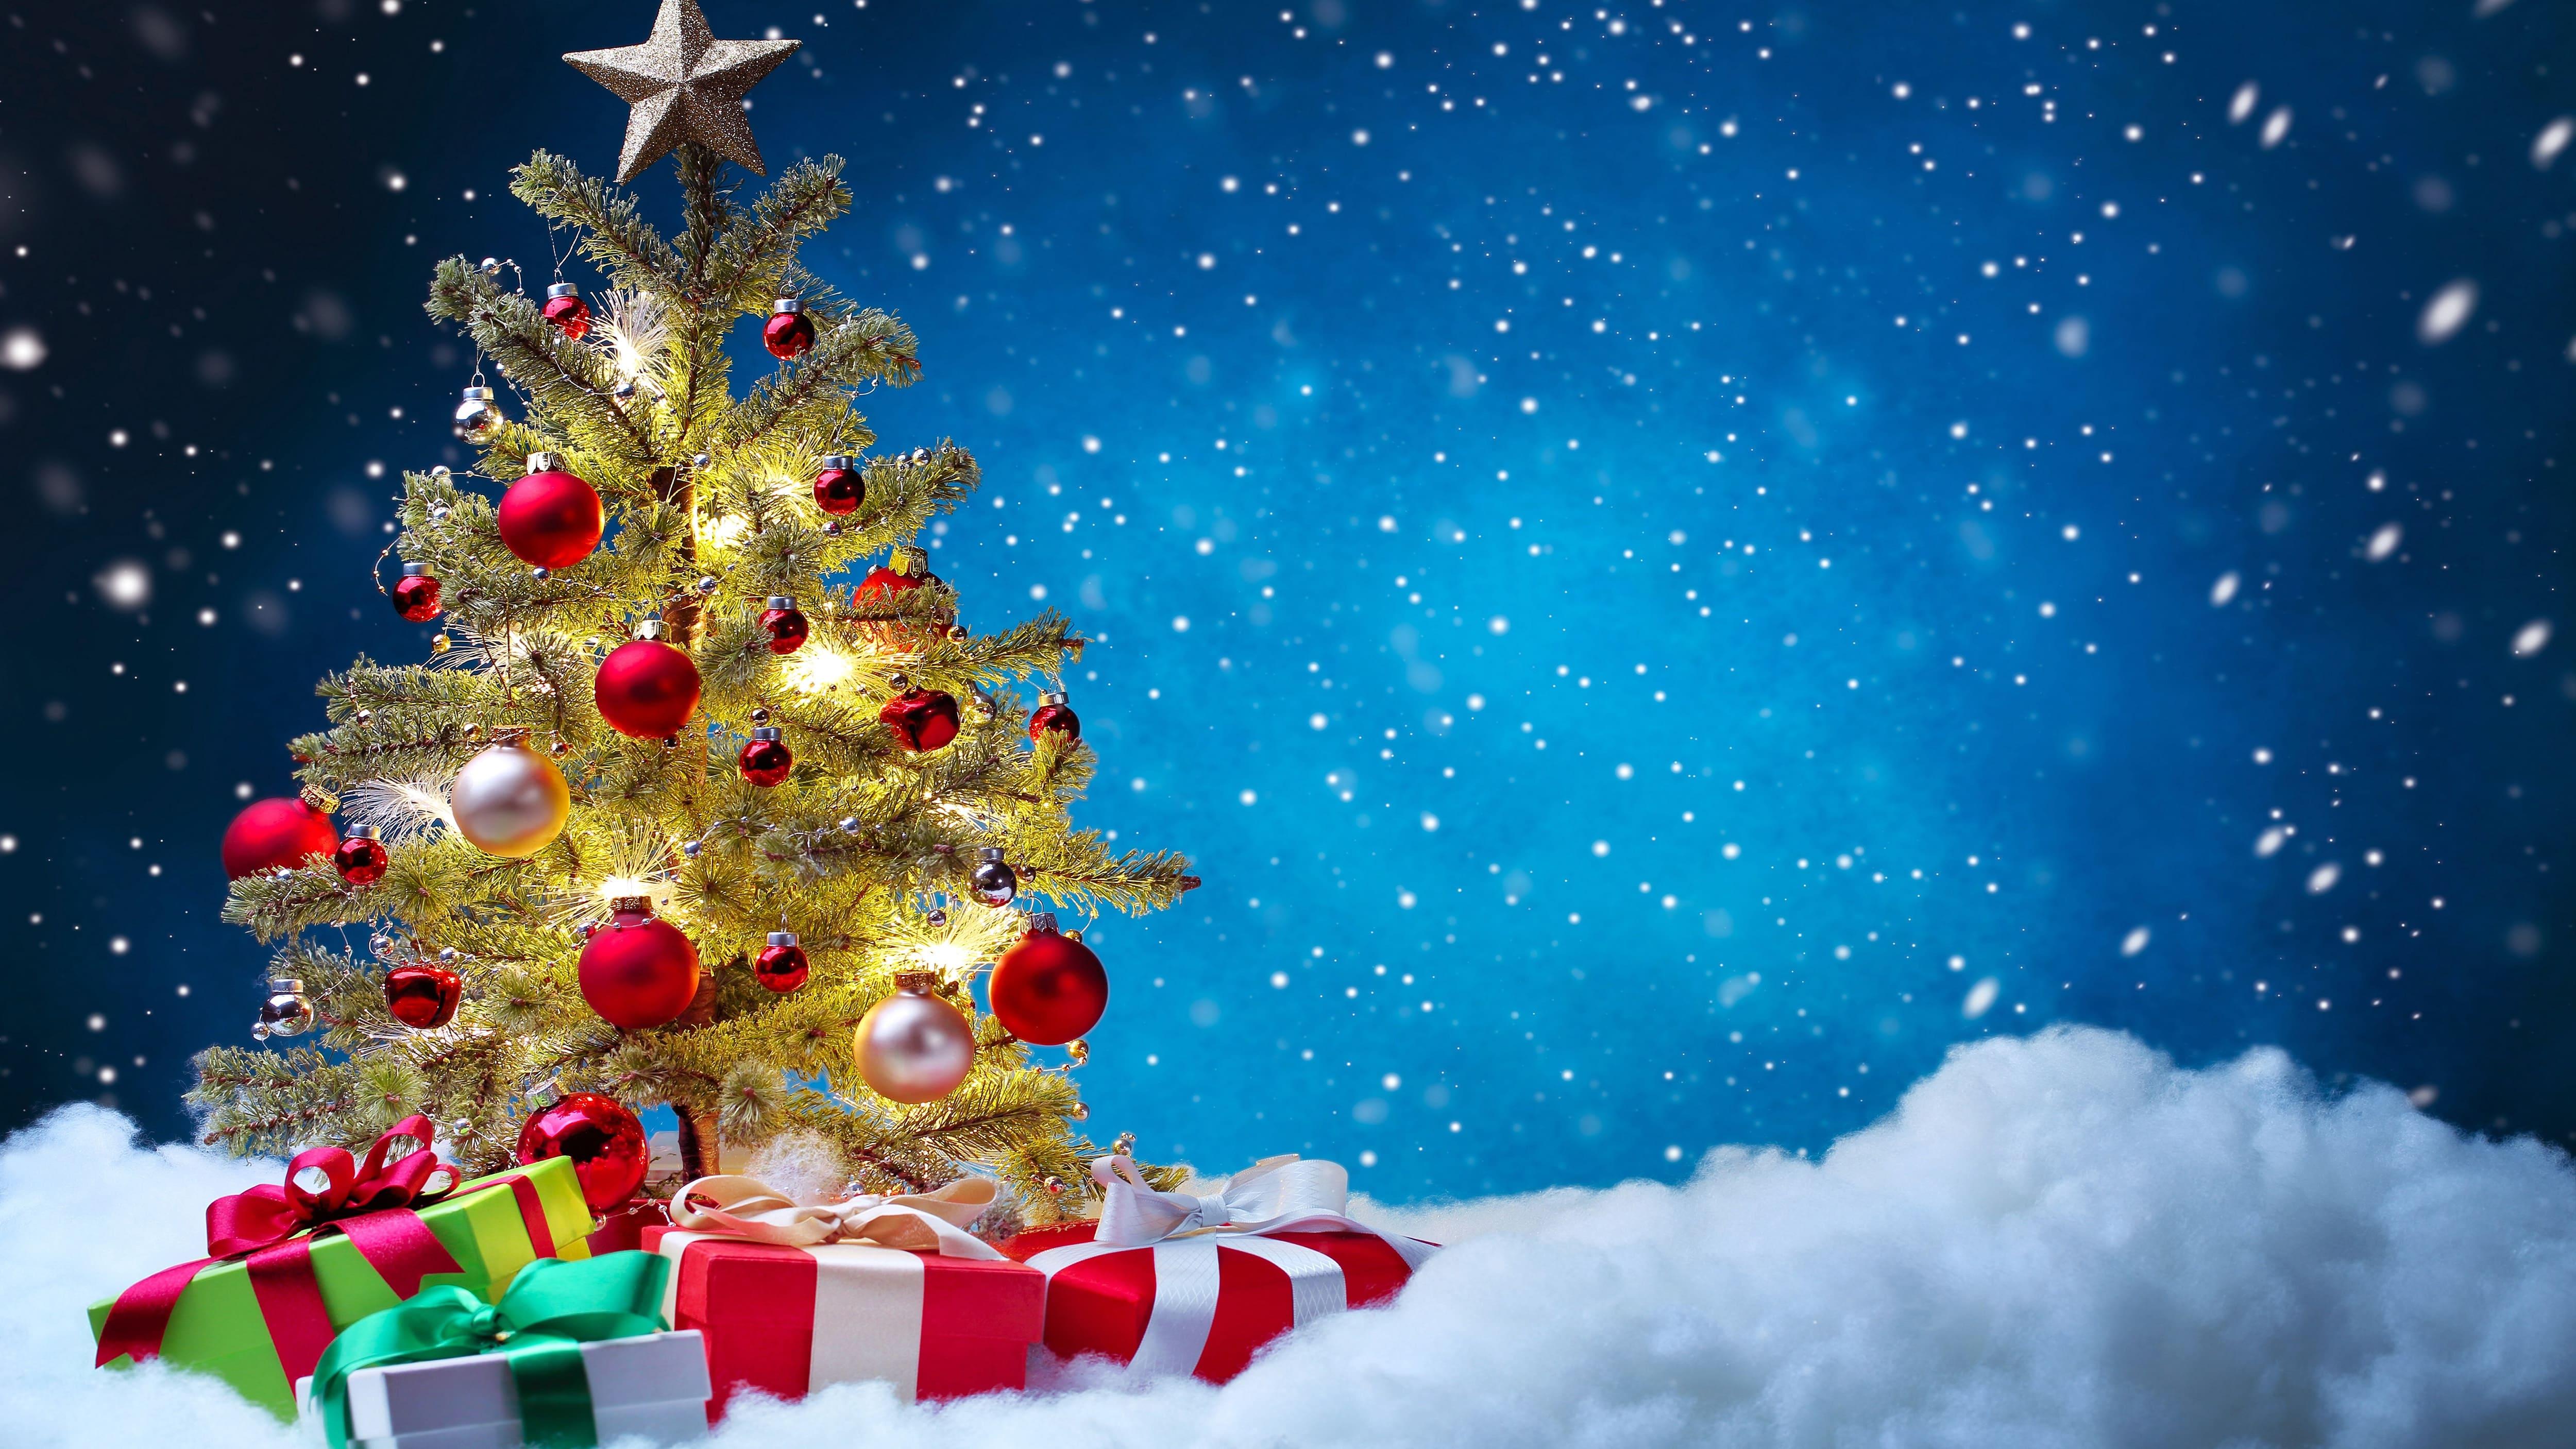 HDoboi.Kiev.ua - Новогодняя елка, подарки под елкой, Новый Год 2021